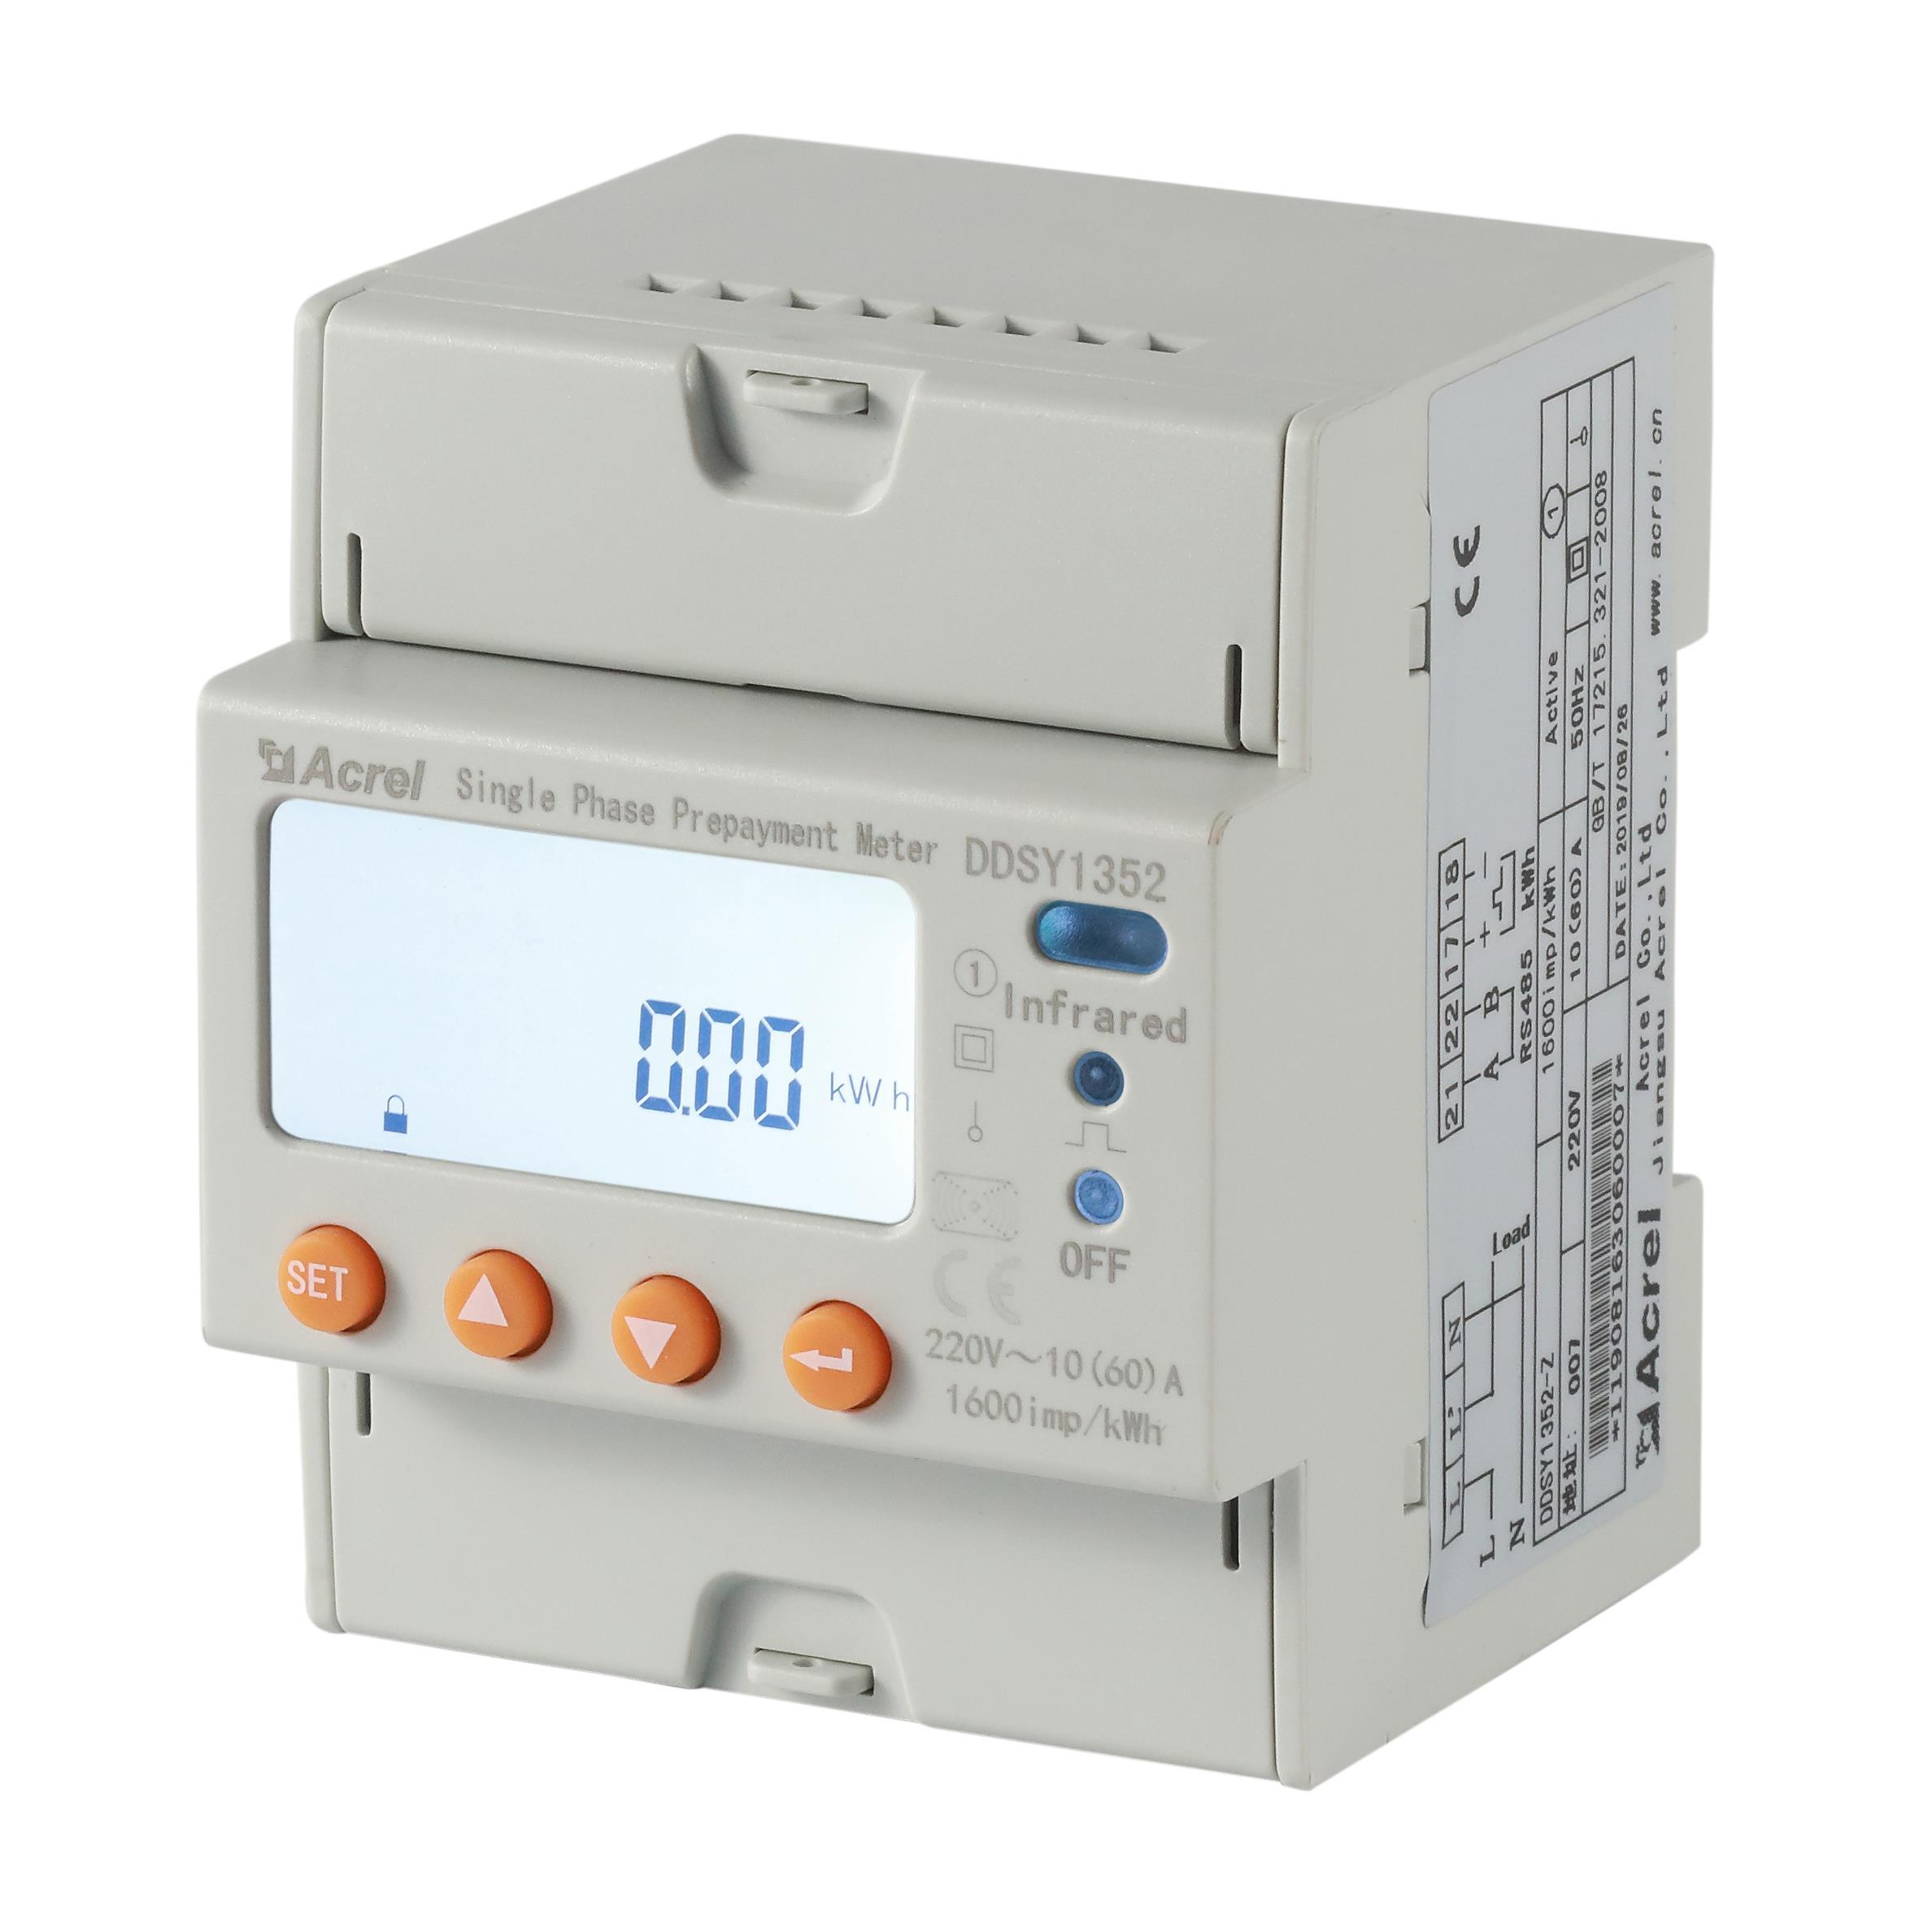 安科瑞单相导轨式预付费电能表电能管理统计仪表